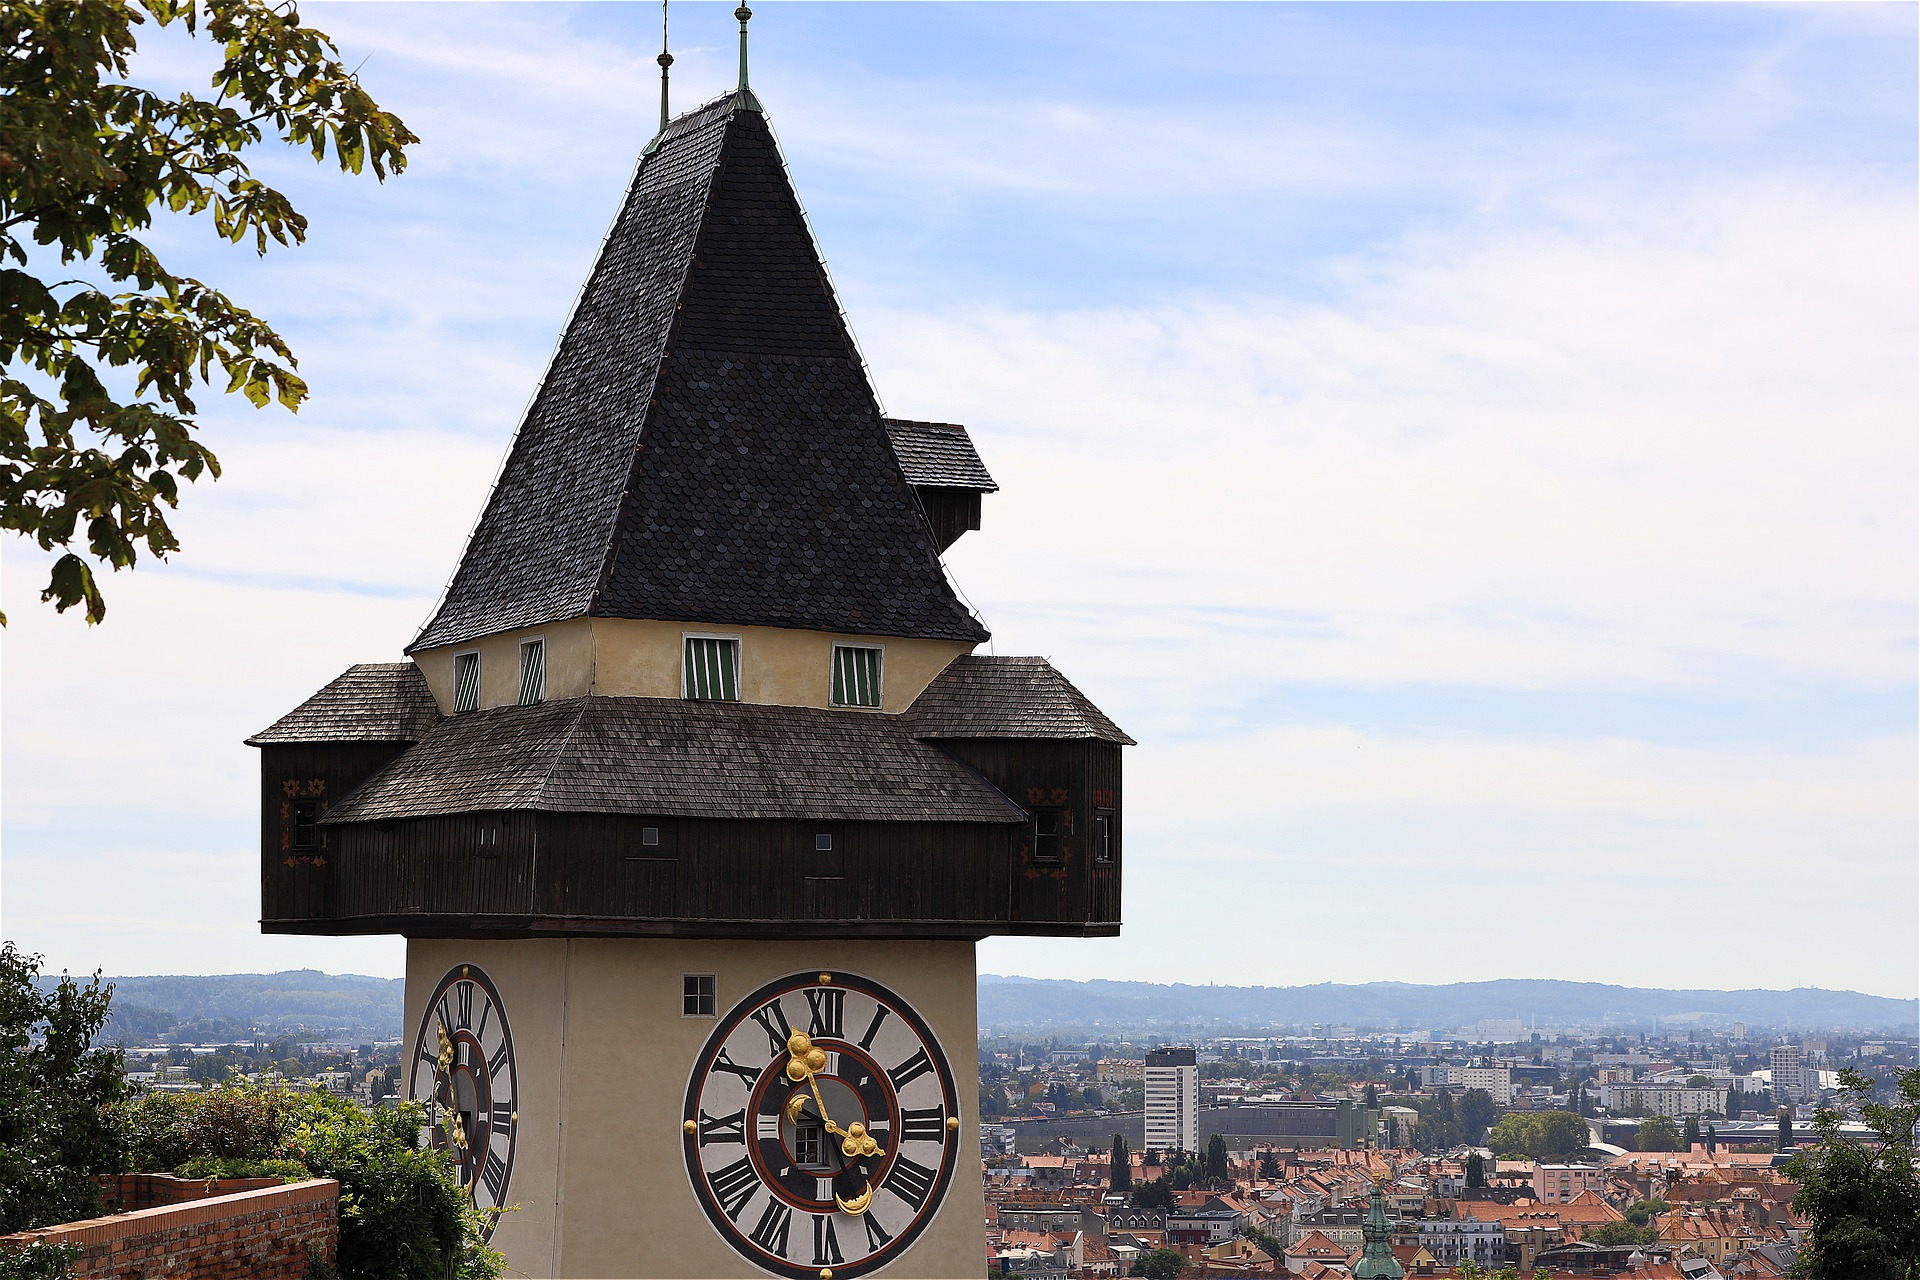 mit dem Rad Graz erkunden - ein spannender Urlaub in der Steiermark